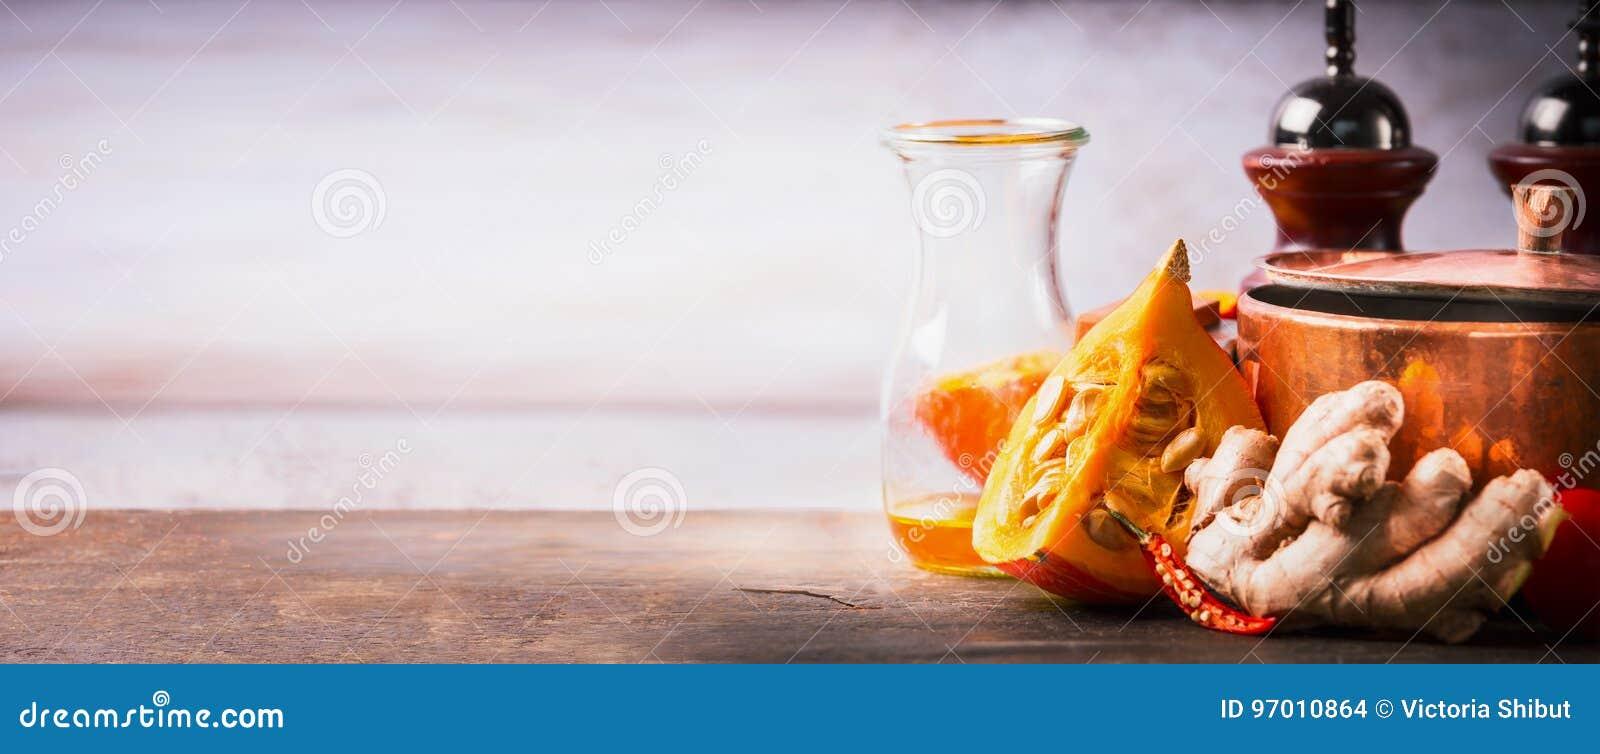 Κολοκύθα στον πίνακα γραφείων κουζινών με το μαγείρεμα του δοχείου, του ελαίου και της πιπερόριζας, μπροστινή άποψη Υπόβαθρο τροφ